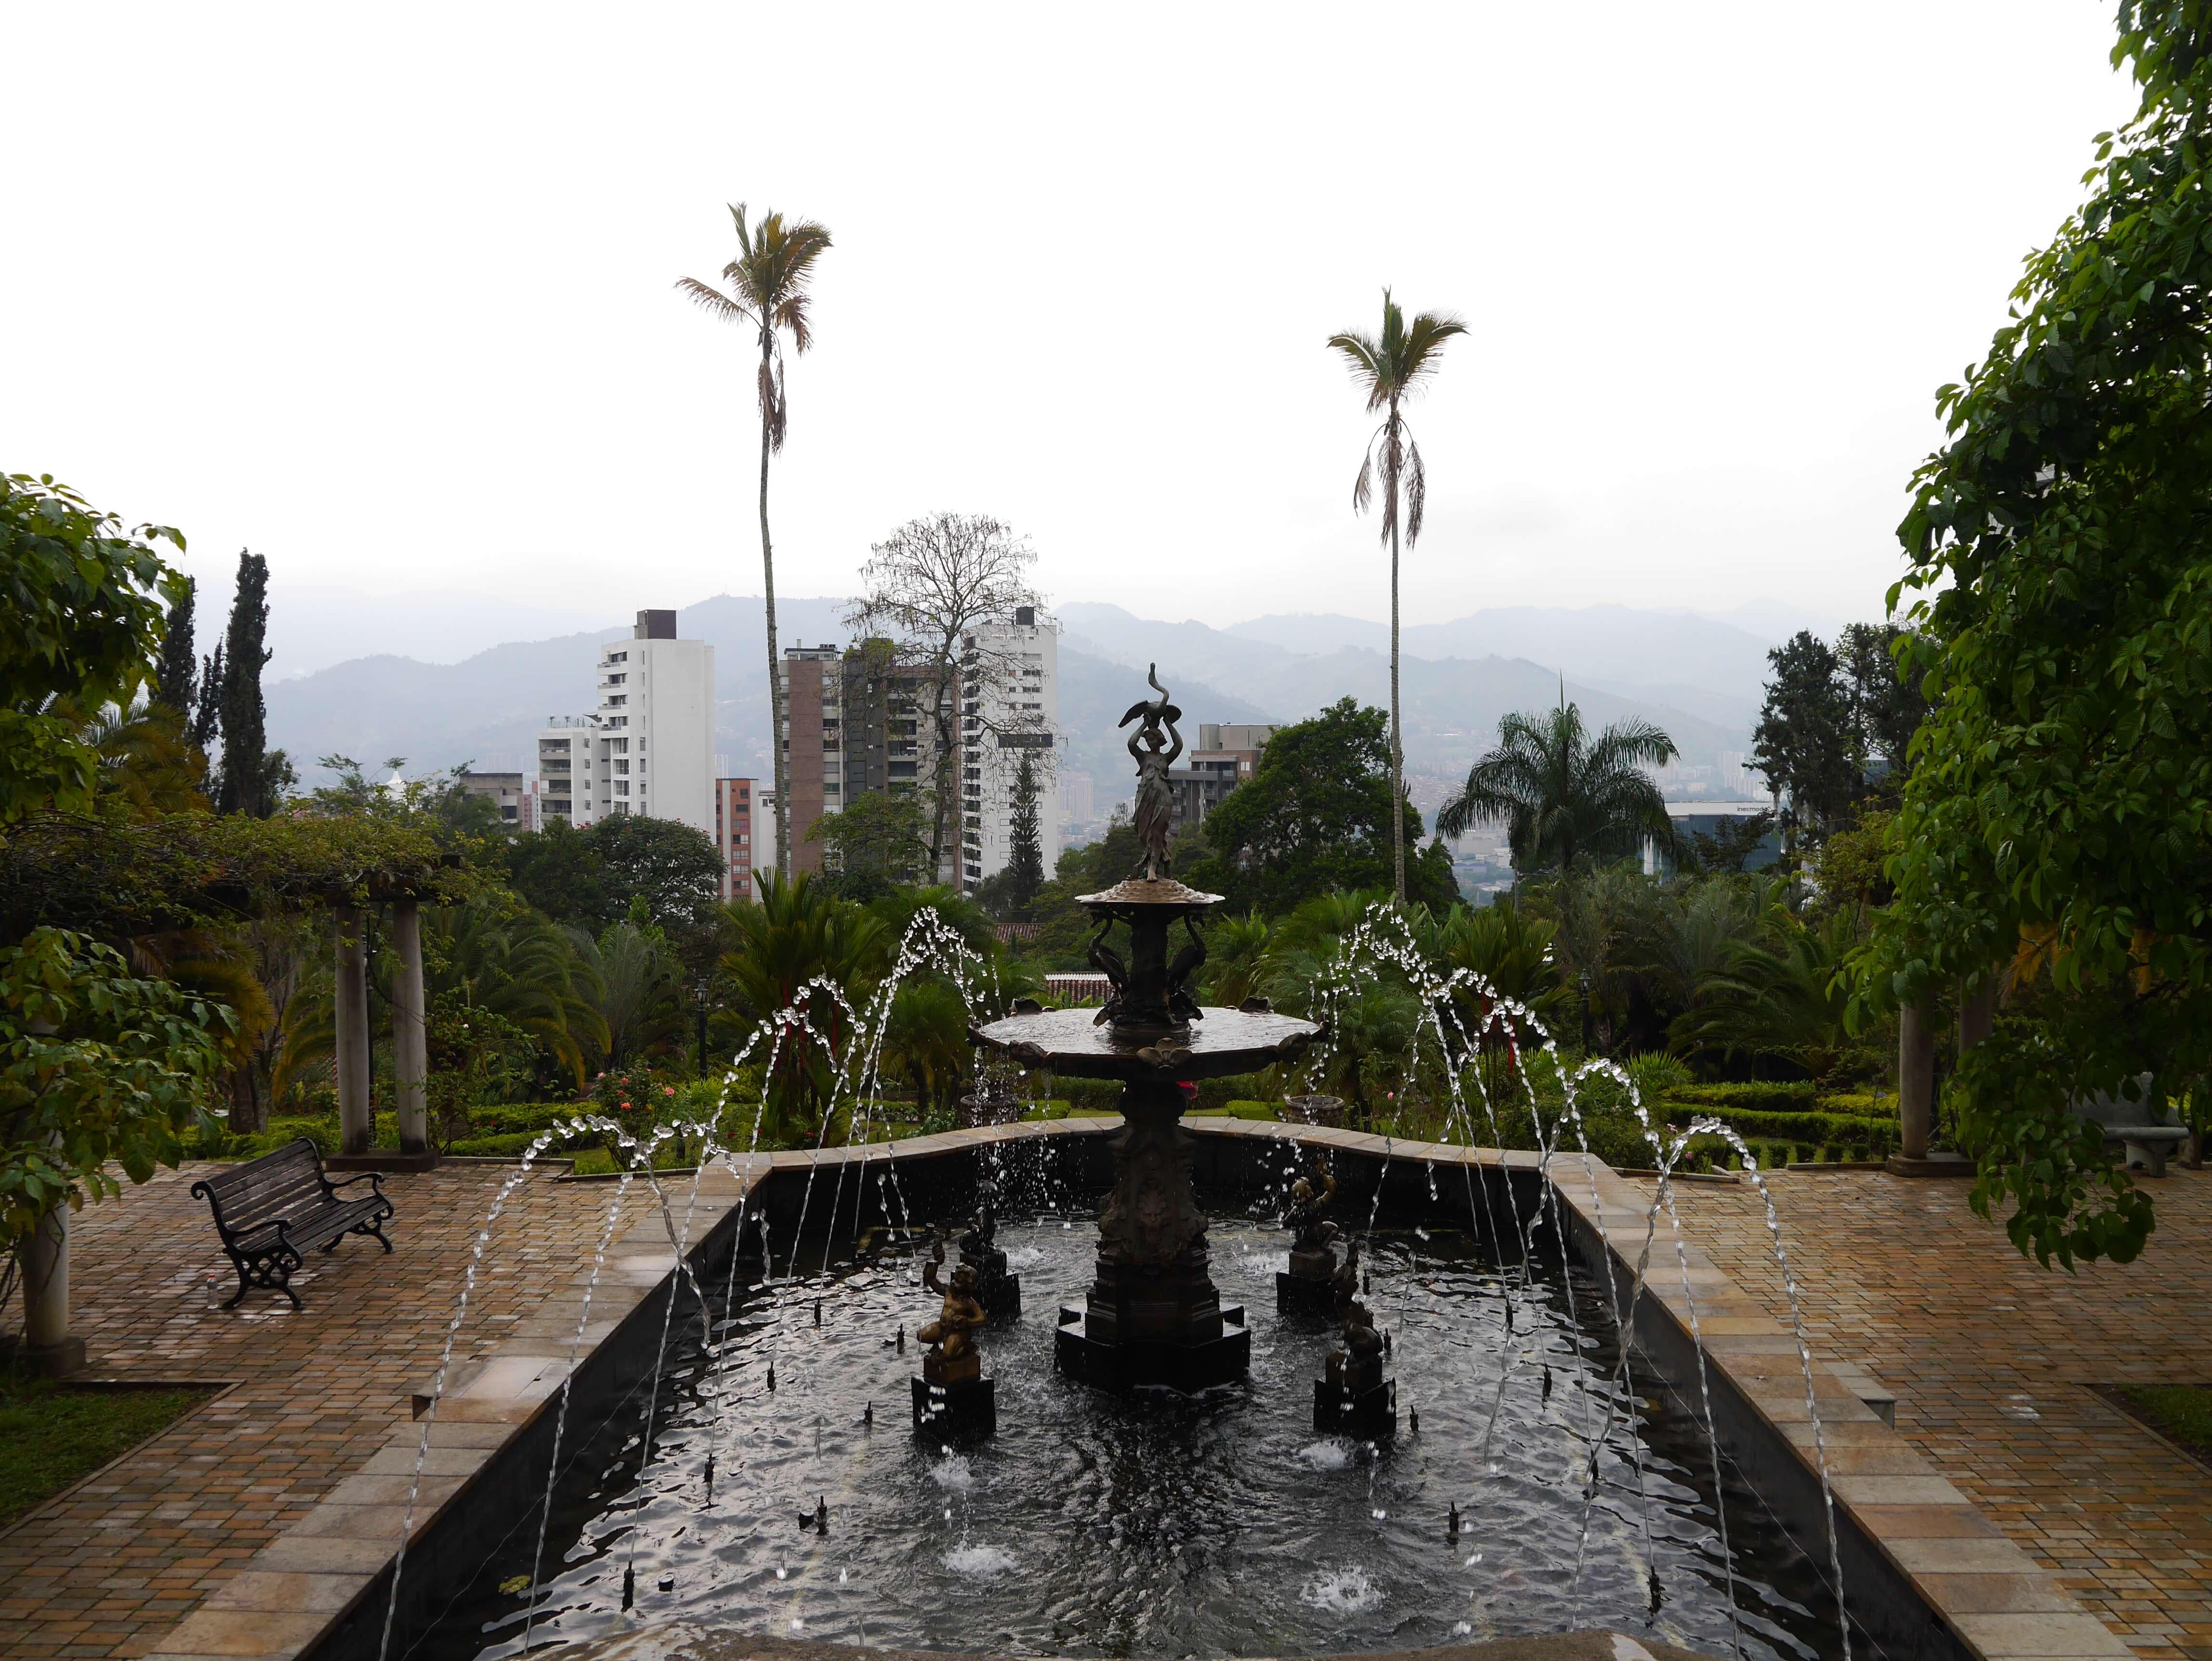 Museo-Castillo-Medellín-Colombia-fuente-árboles